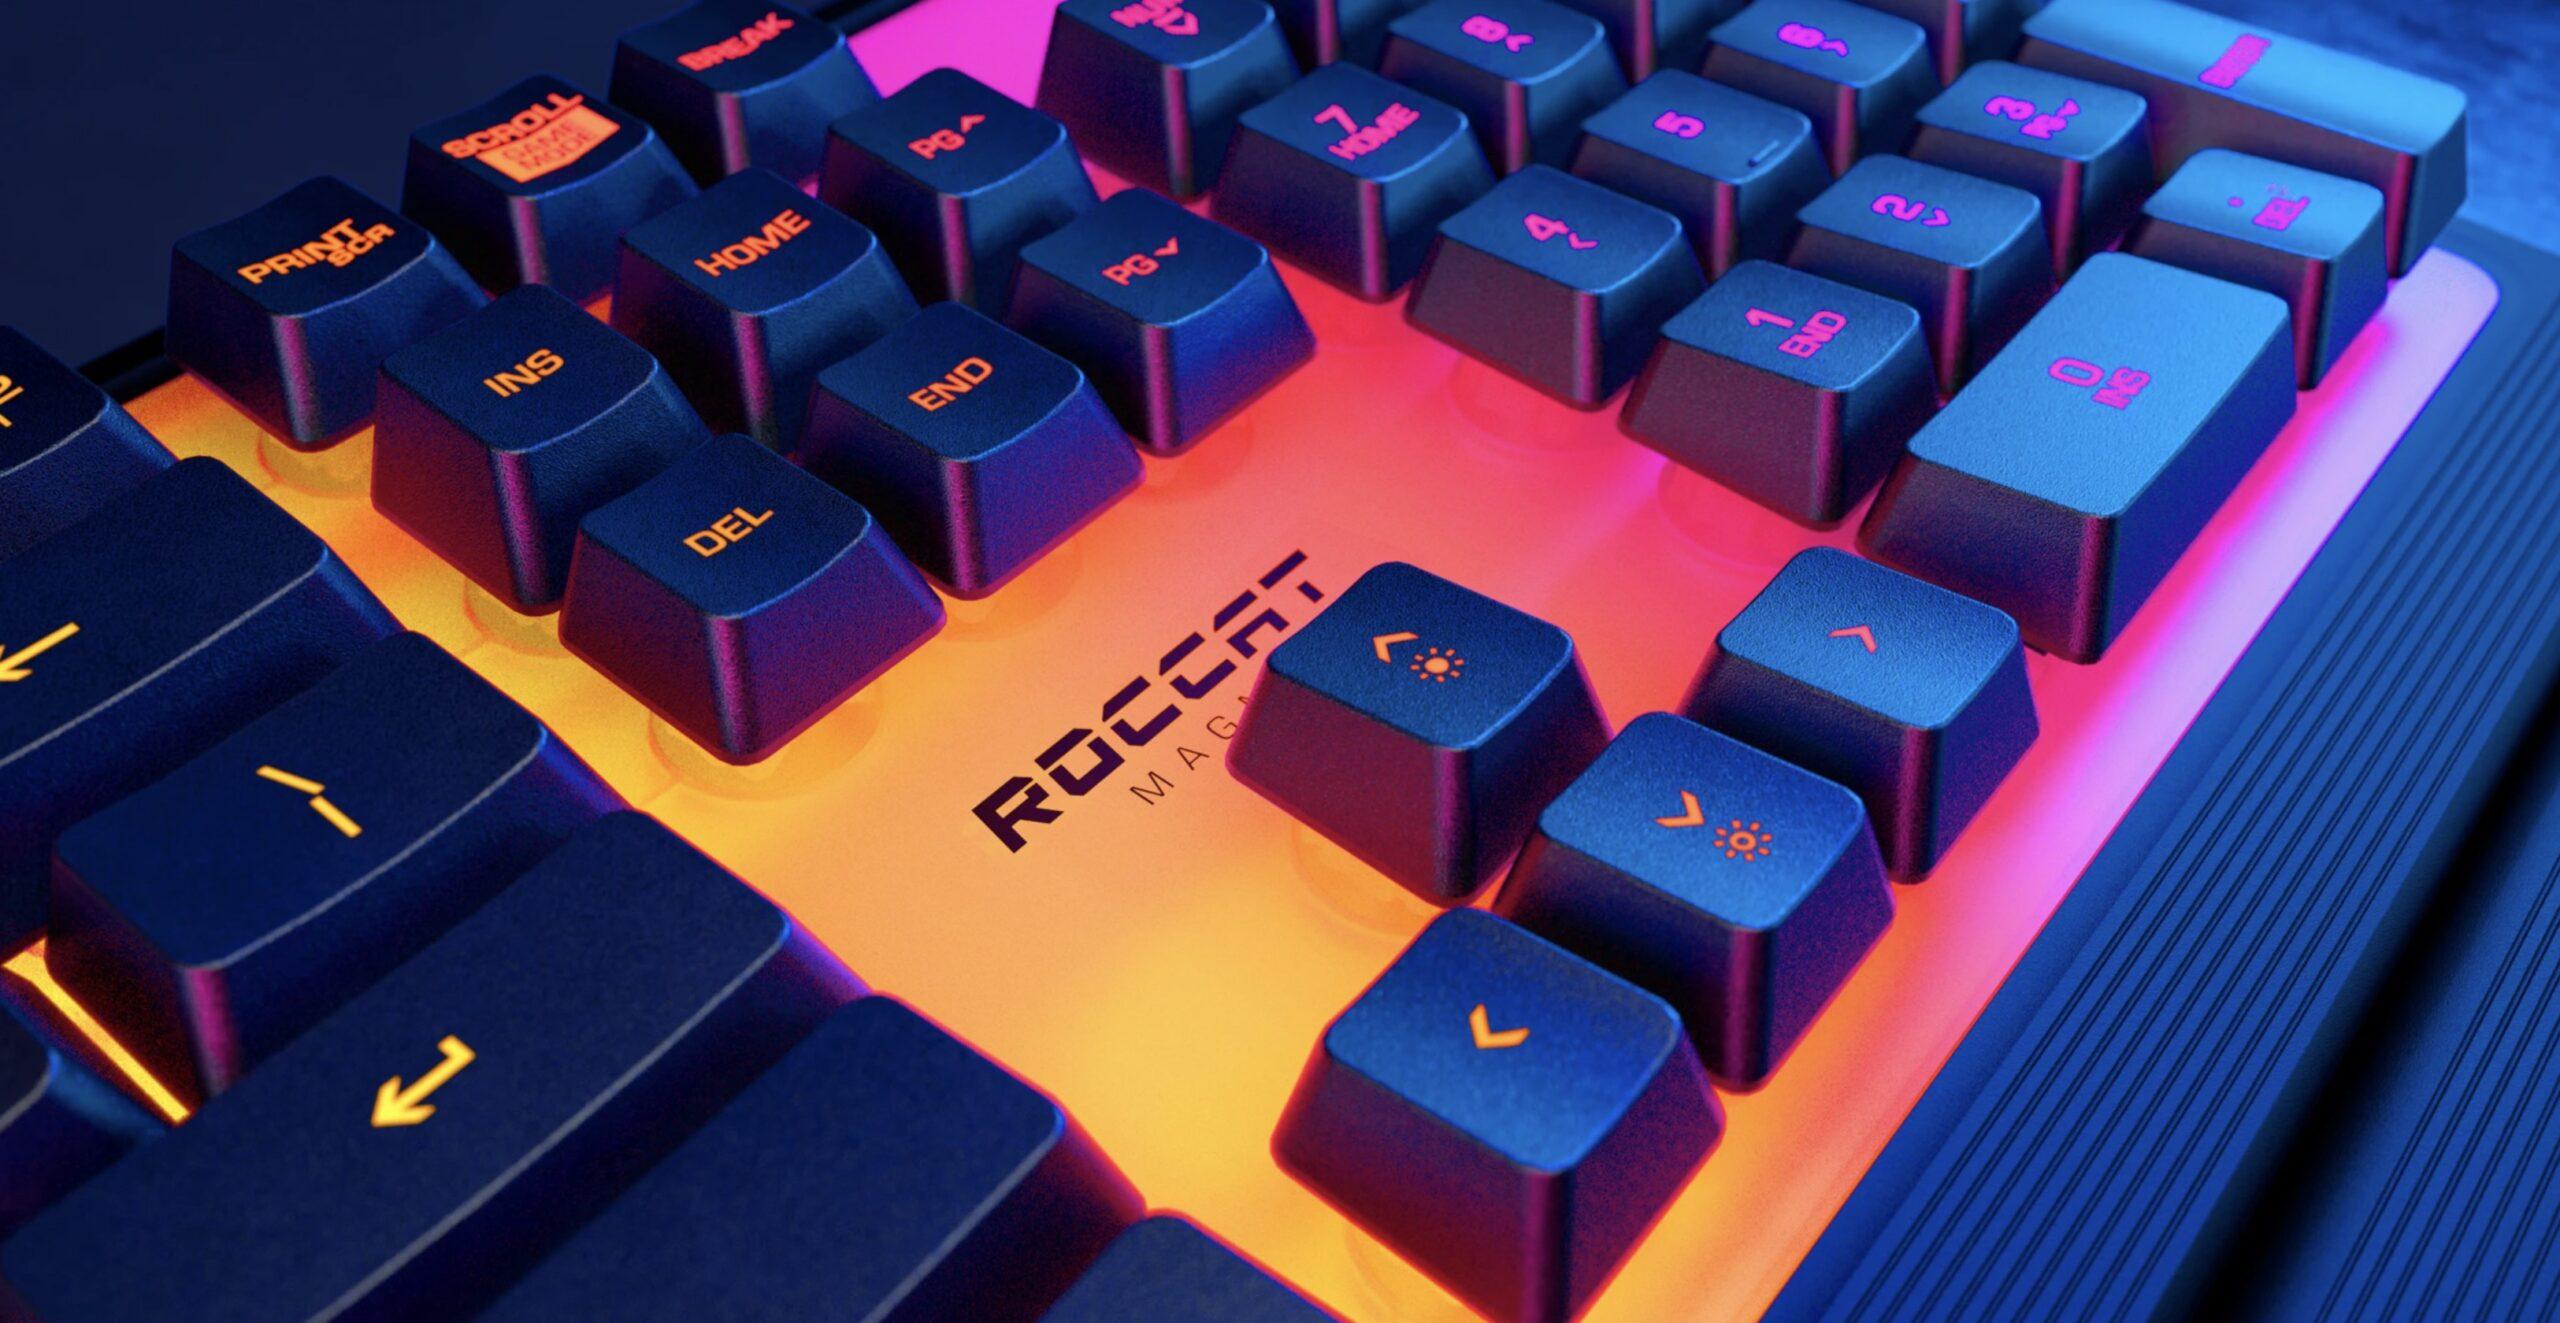 Roccat Magma keyboard